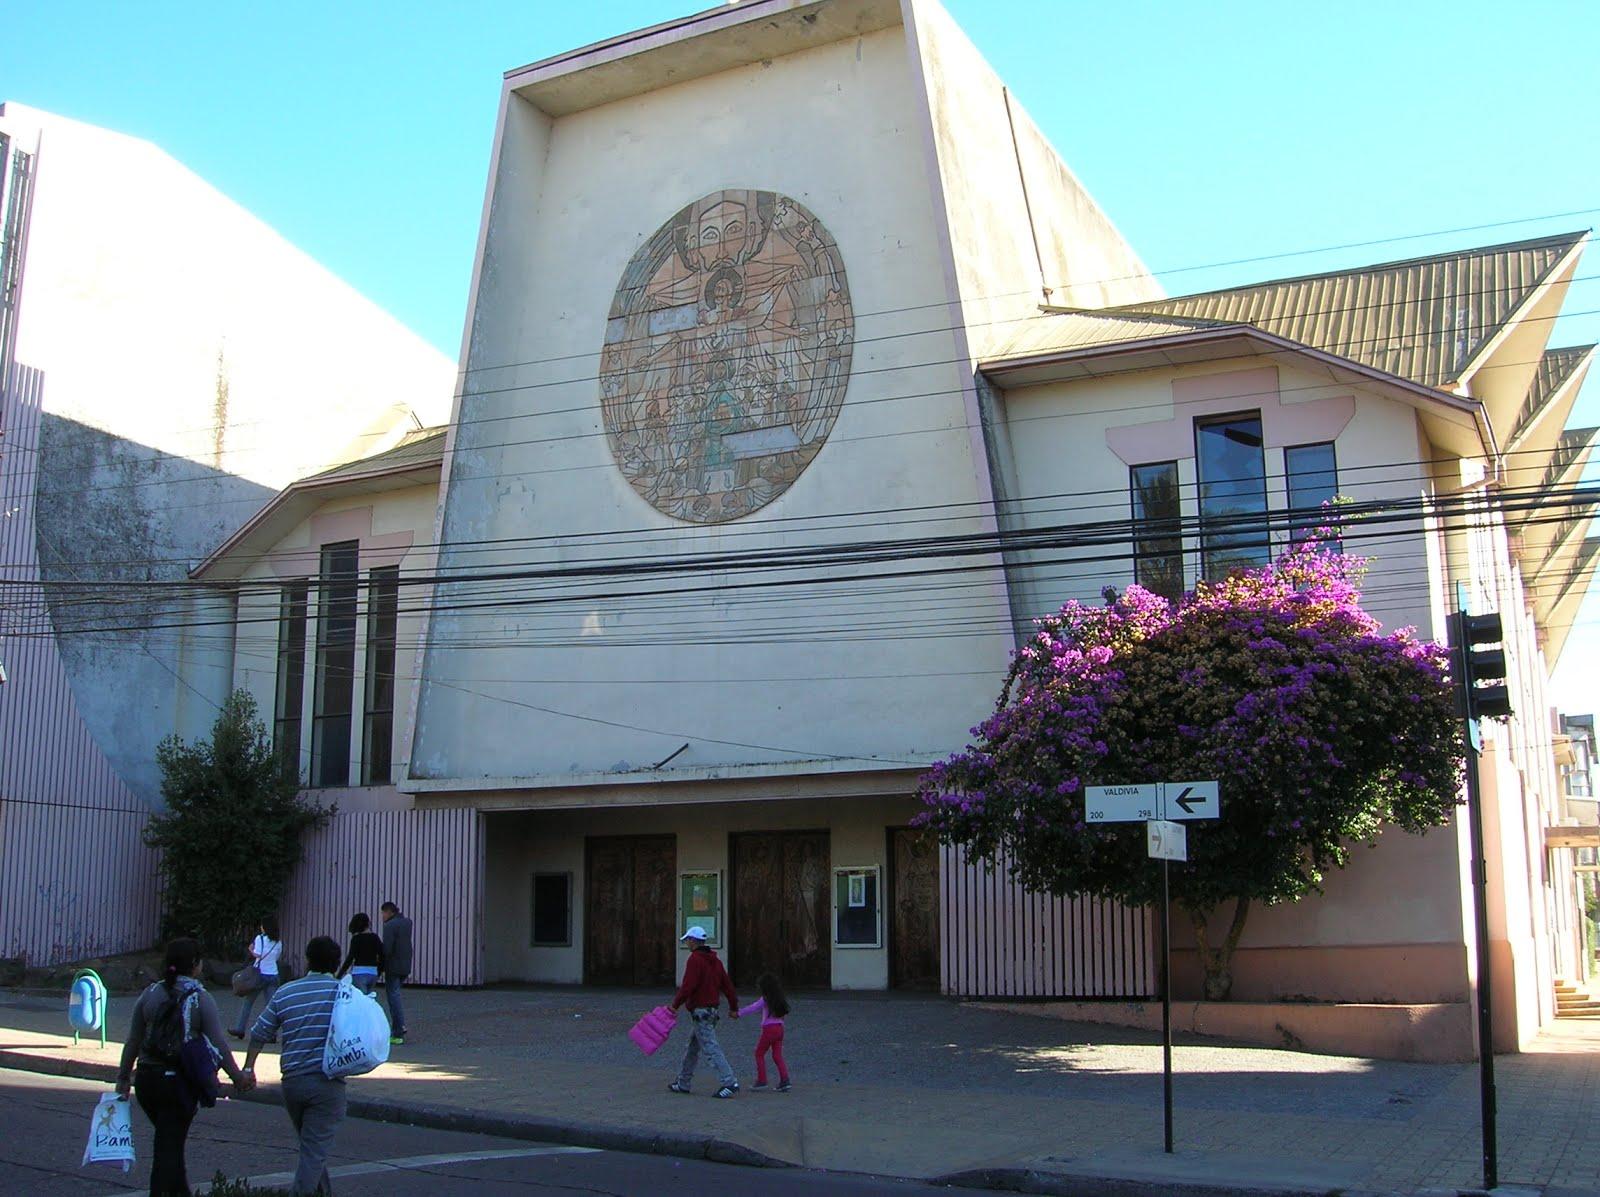 Catedral de Los Angeles, Los Angeles,  Chile, vuelta al mundo, round the world, La vuelta al mundo de Asun y Ricardo